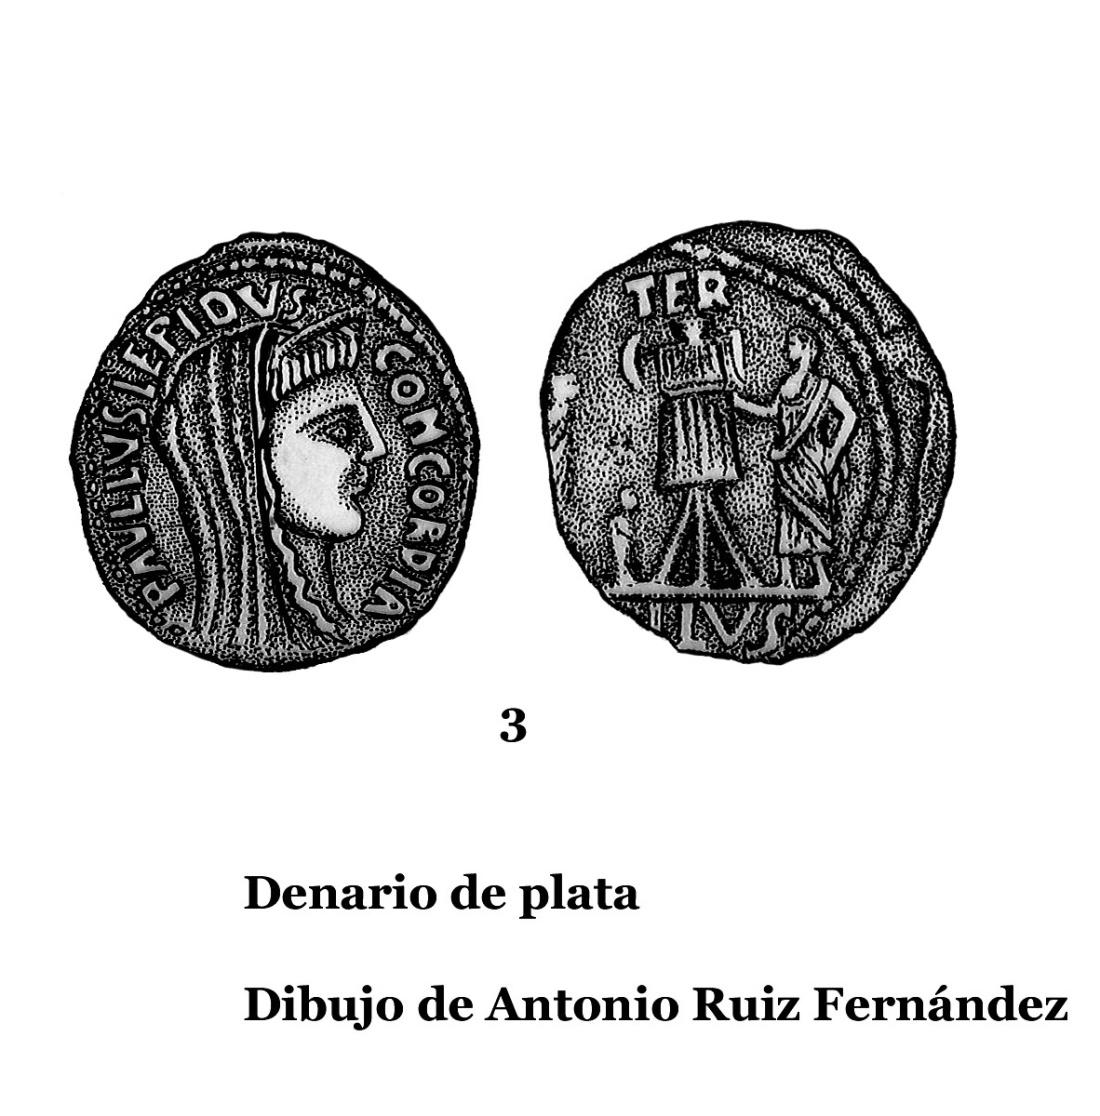 3DENARIOS DE PLATA, DIBUJOS 3 copia